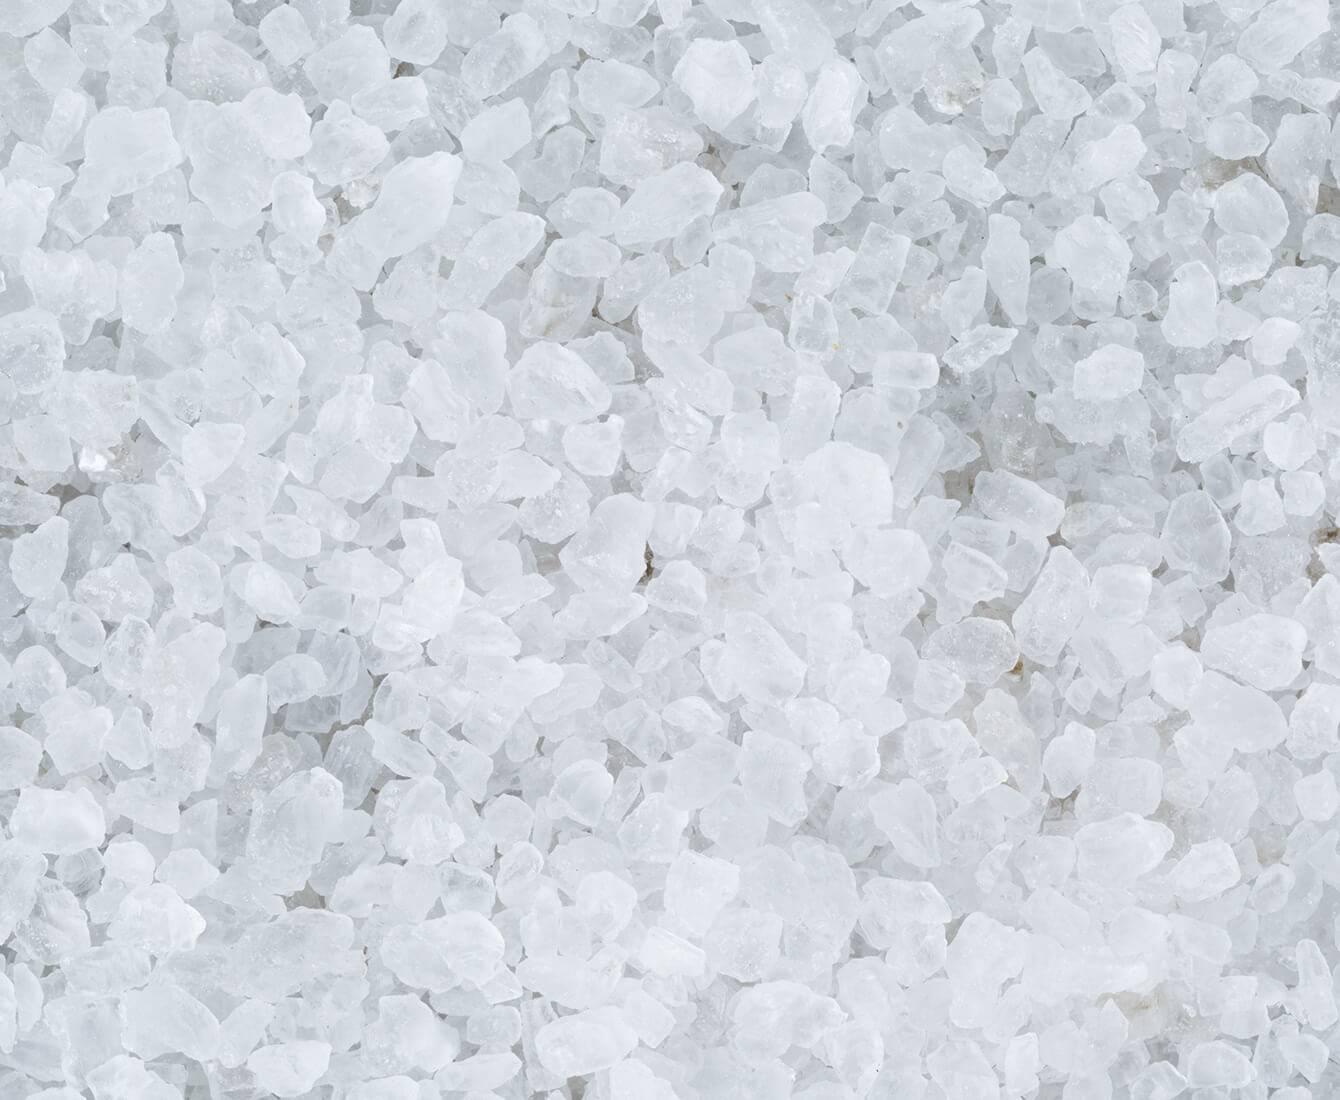 Soin exfoliation cristaux de sel